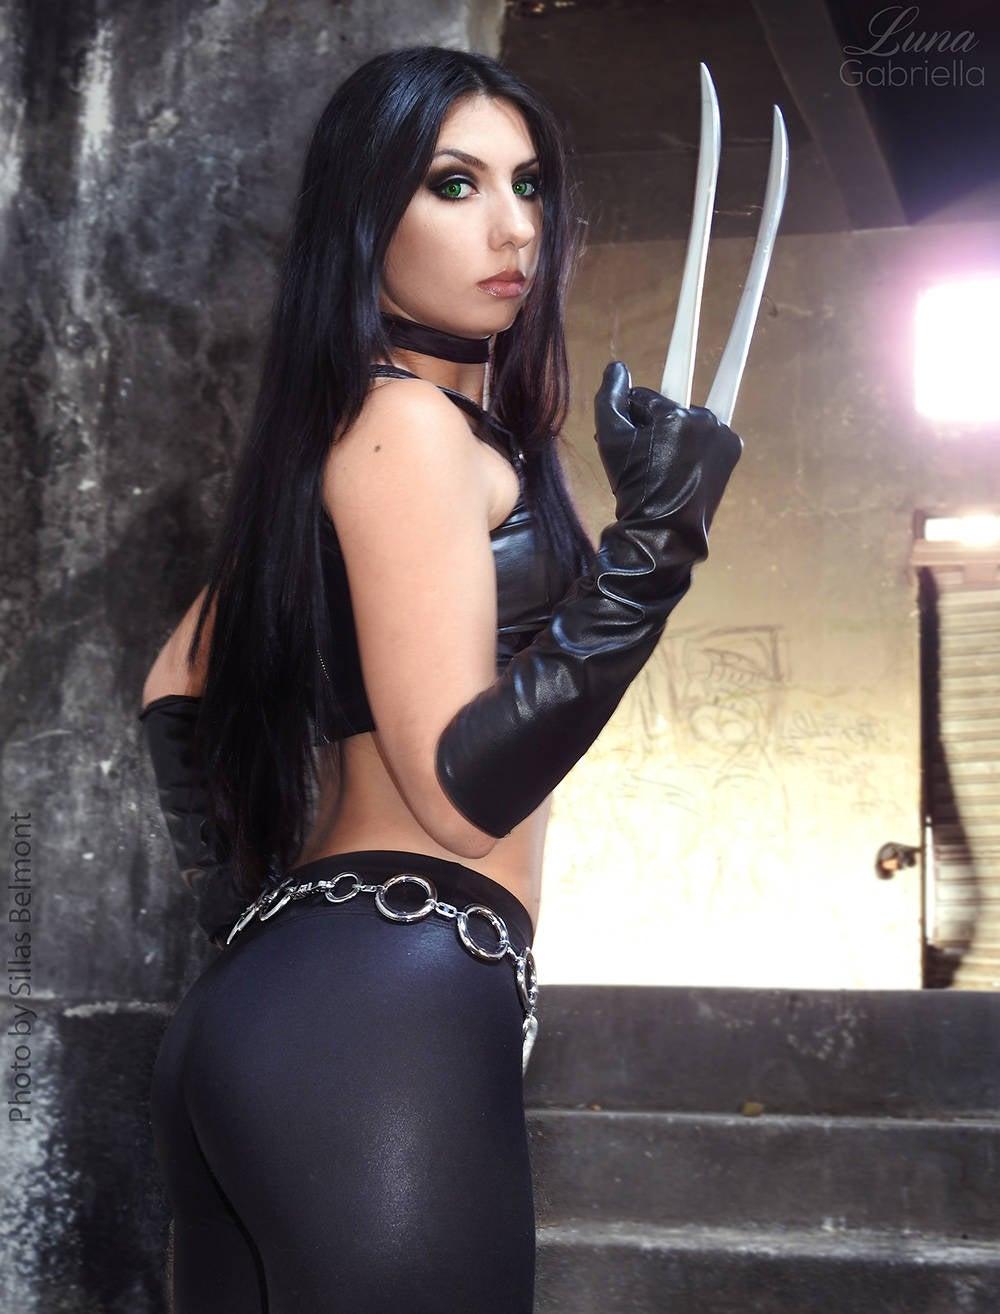 X-23-Fan-Cosplay-Friday-Luna-Gabriela-Sillas-Belmont05